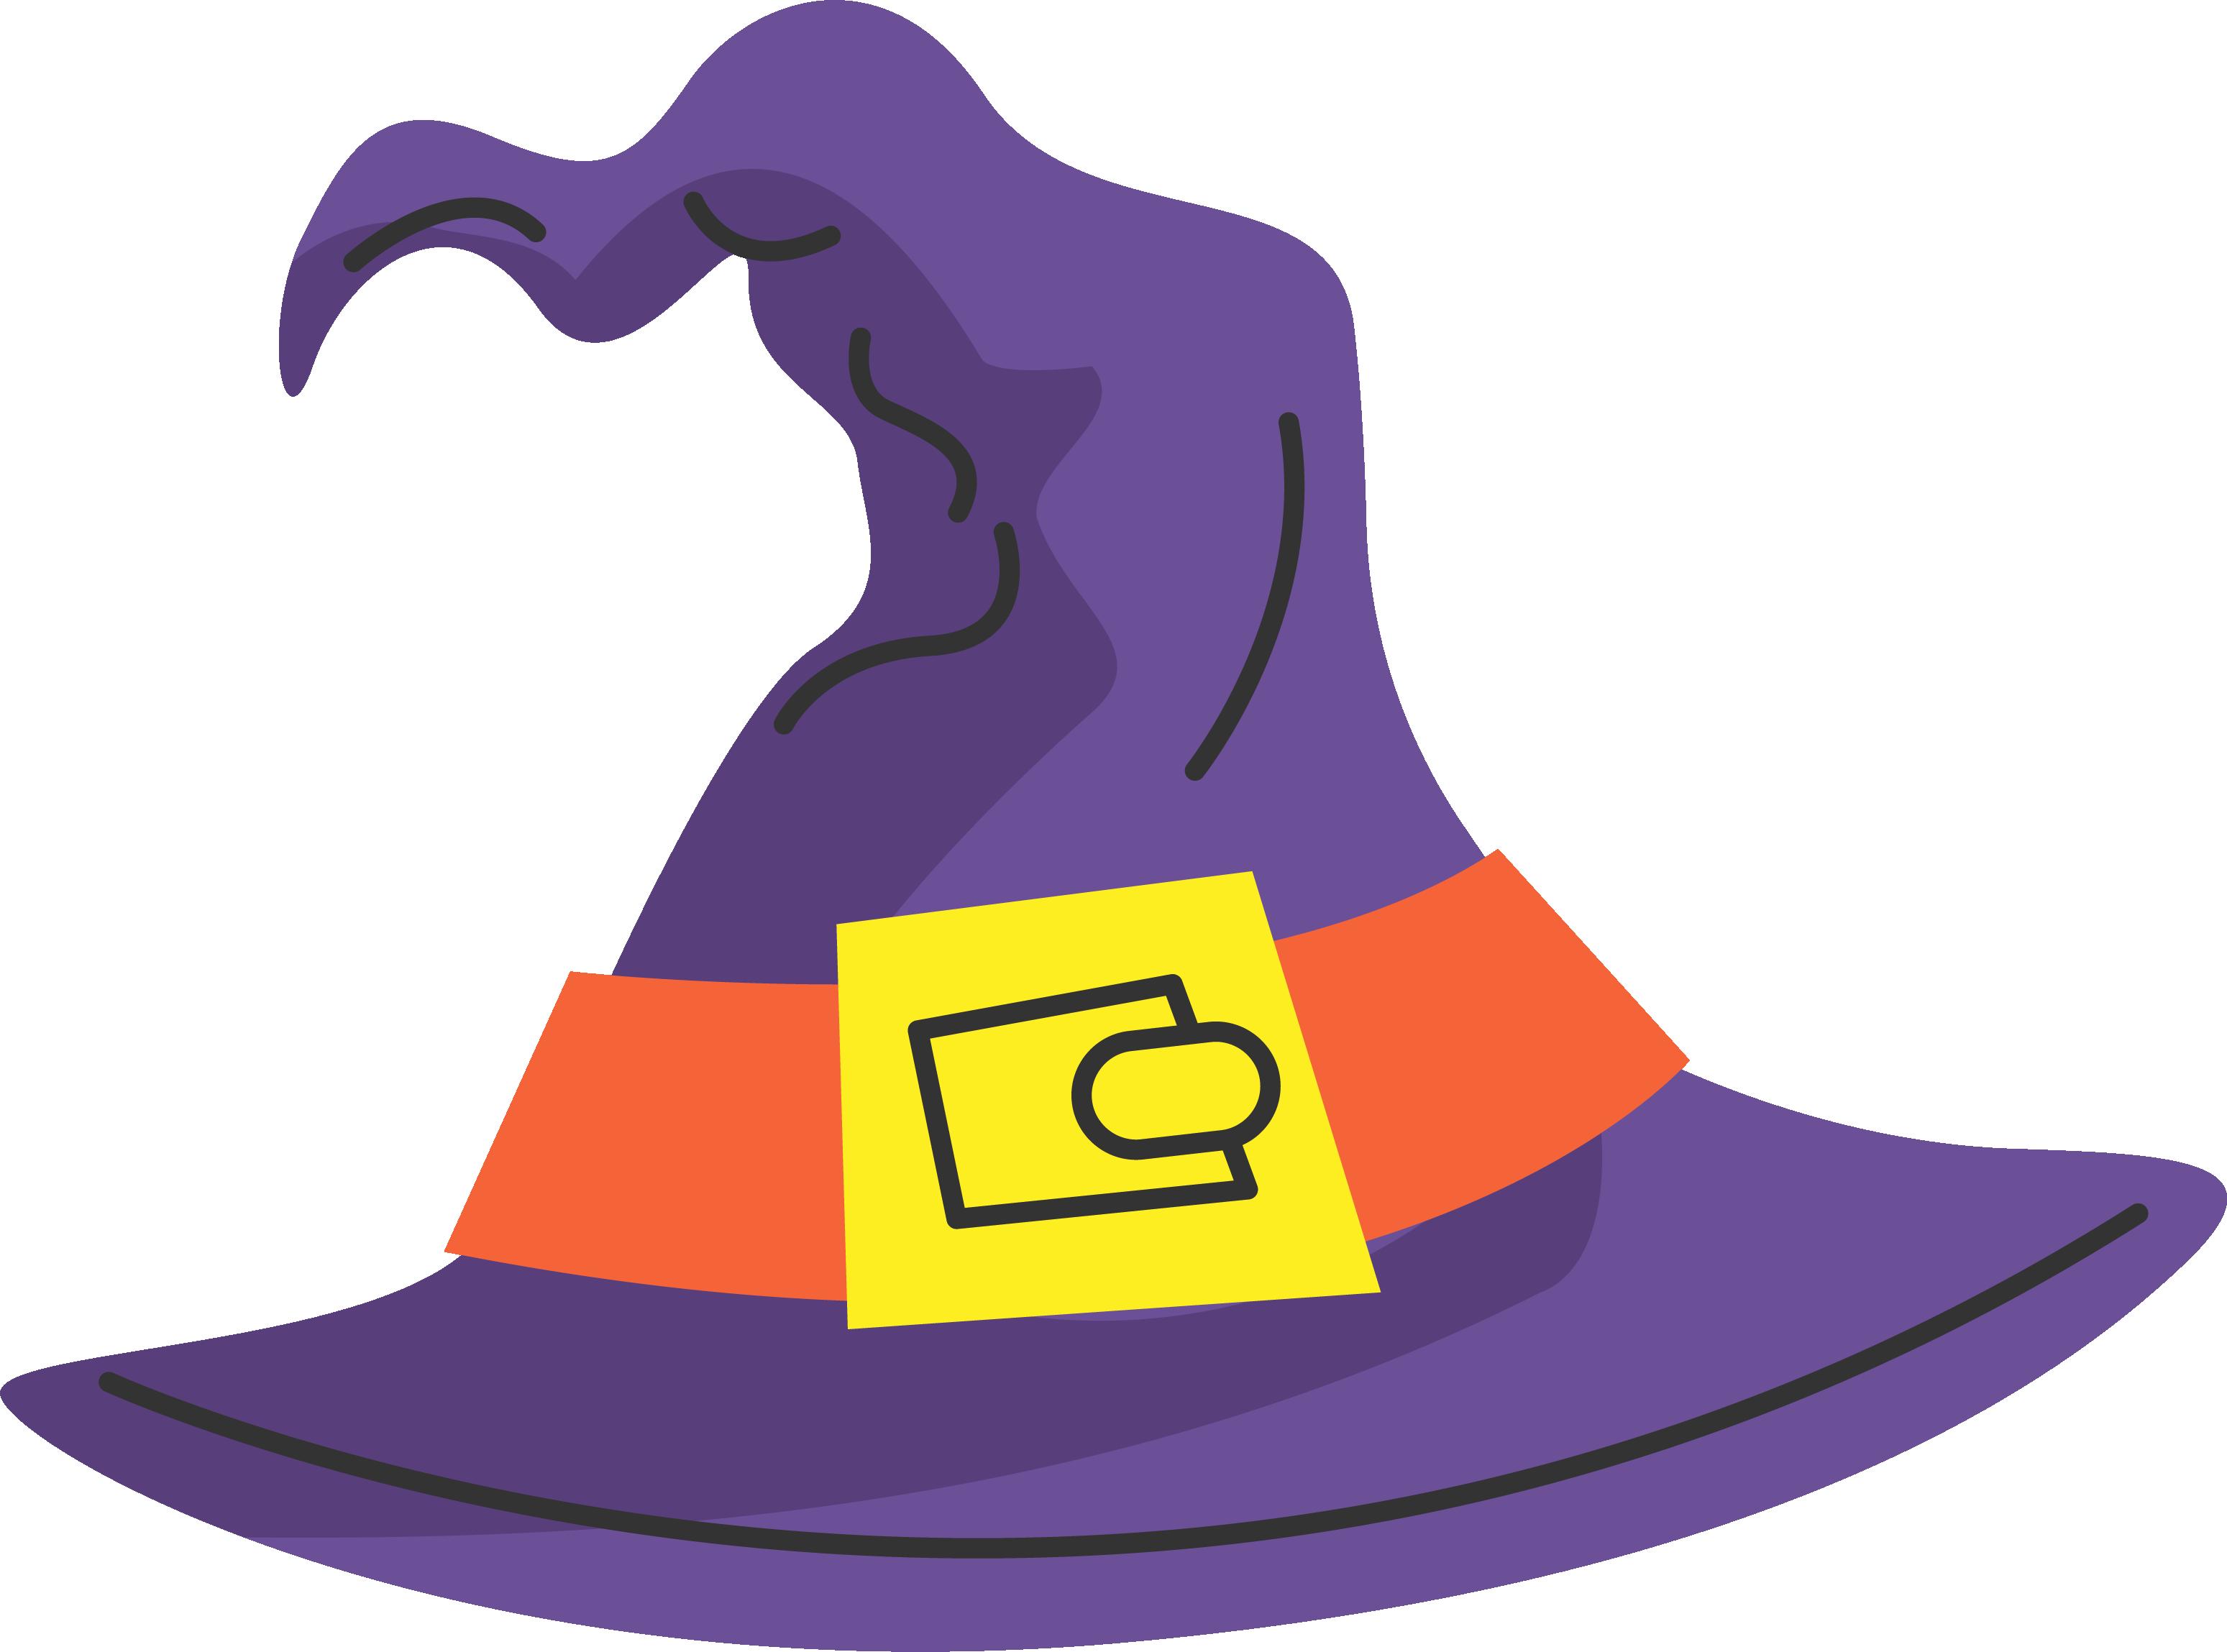 transparent purple sun hat clipart 10 free Cliparts ...